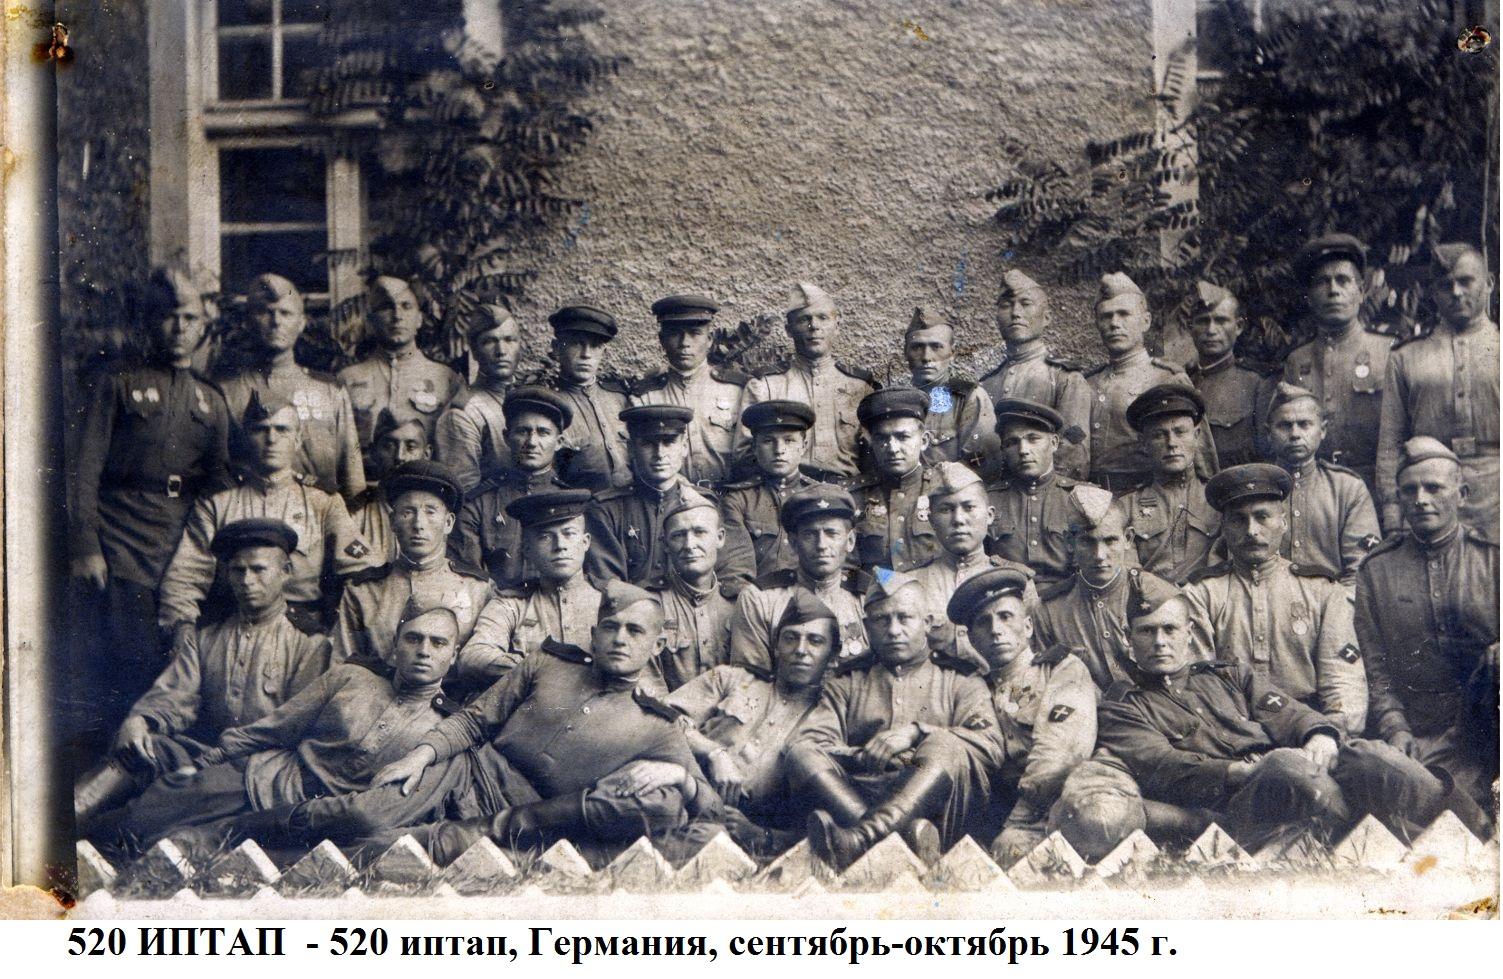 нарукавные знаки ПТА РККА у бойцов 520 ИПТАП, 1945 год.